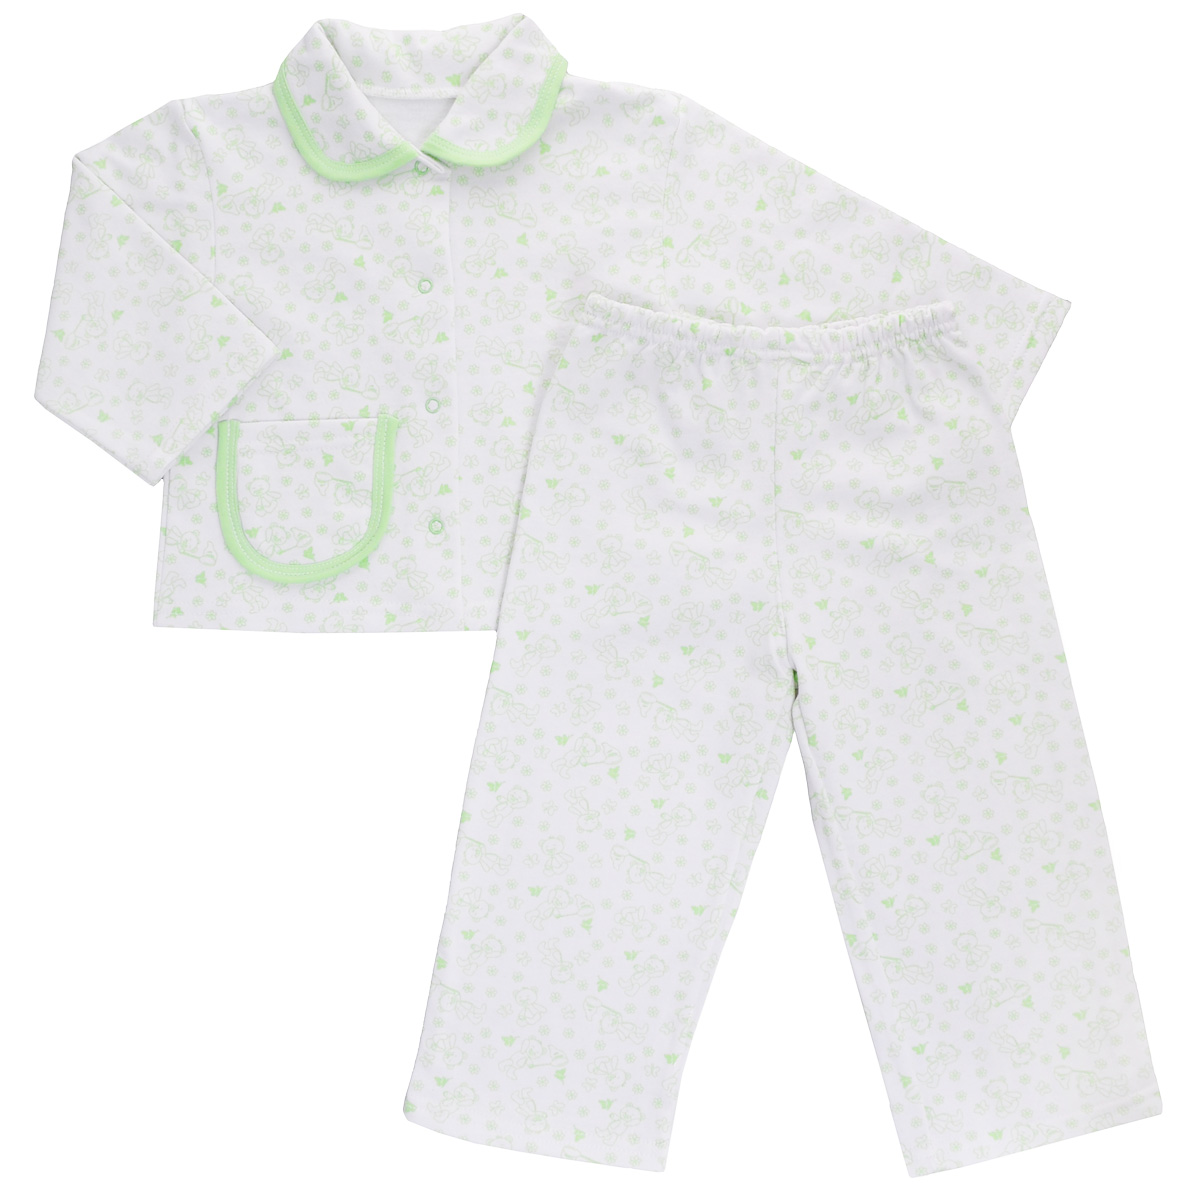 Пижама детская Трон-плюс, цвет: белый, салатовый, рисунок мишки. 5552. Размер 80/86, 1-2 года пижама детская трон плюс цвет белый голубой 5555 мишка размер 80 86 1 2 года